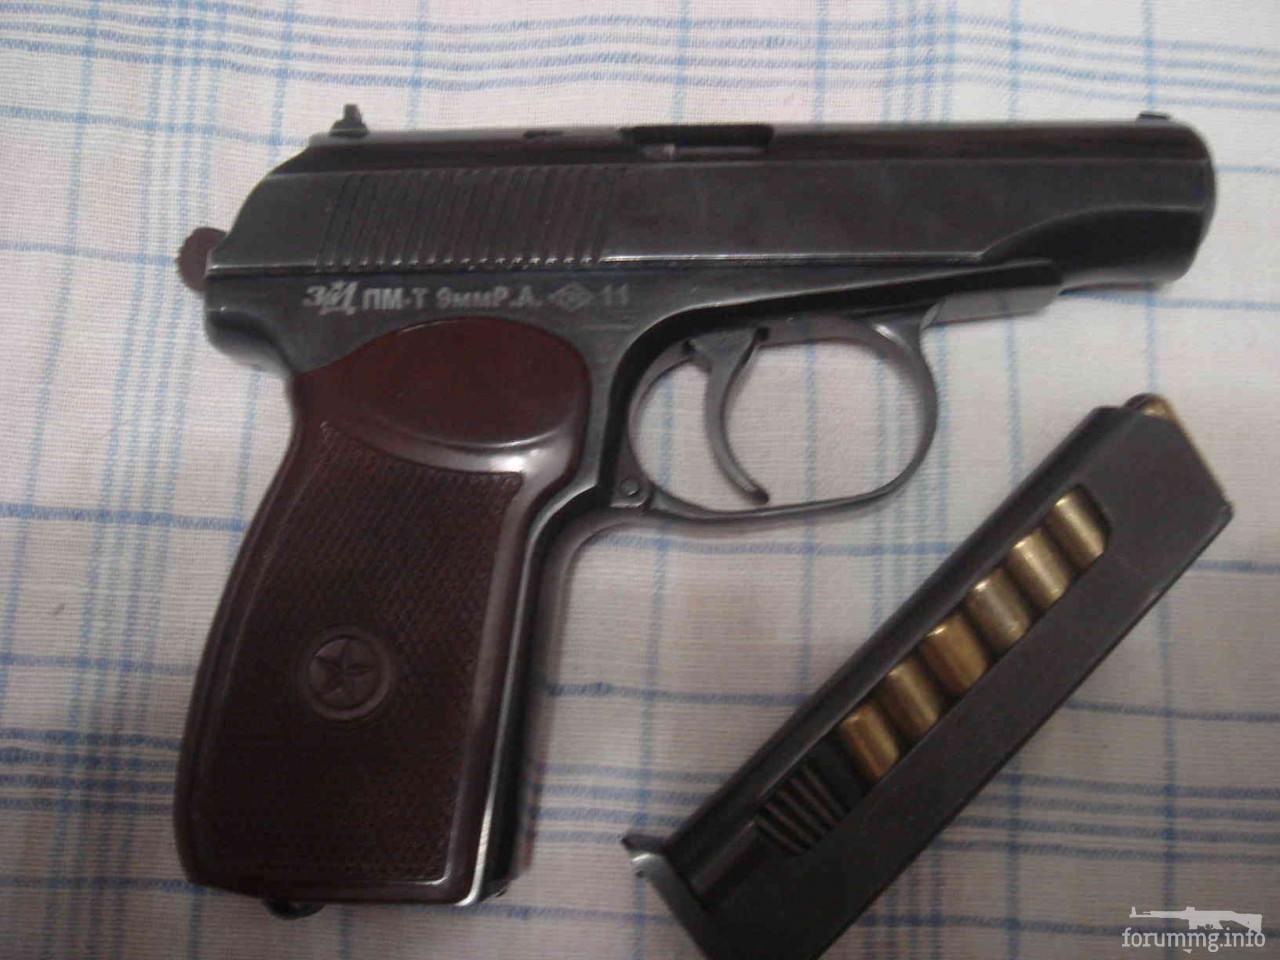 131909 - Продам пистолет Макарова пм травматический 9мм